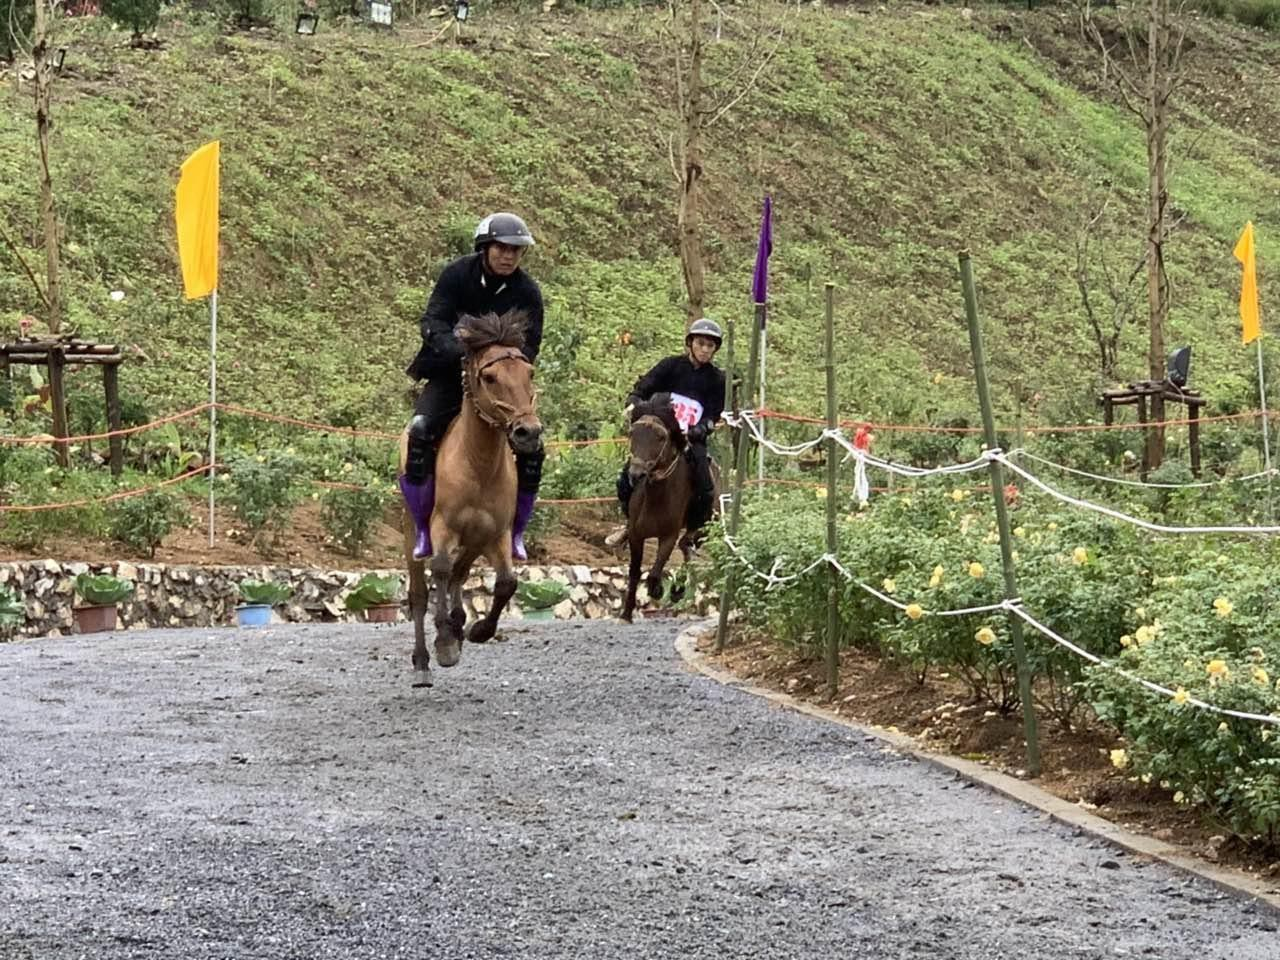 Chất Tây Bắc sống động khiến du khách thích thú với Giải đua ngựa tại  Fansipan - Ảnh 5.